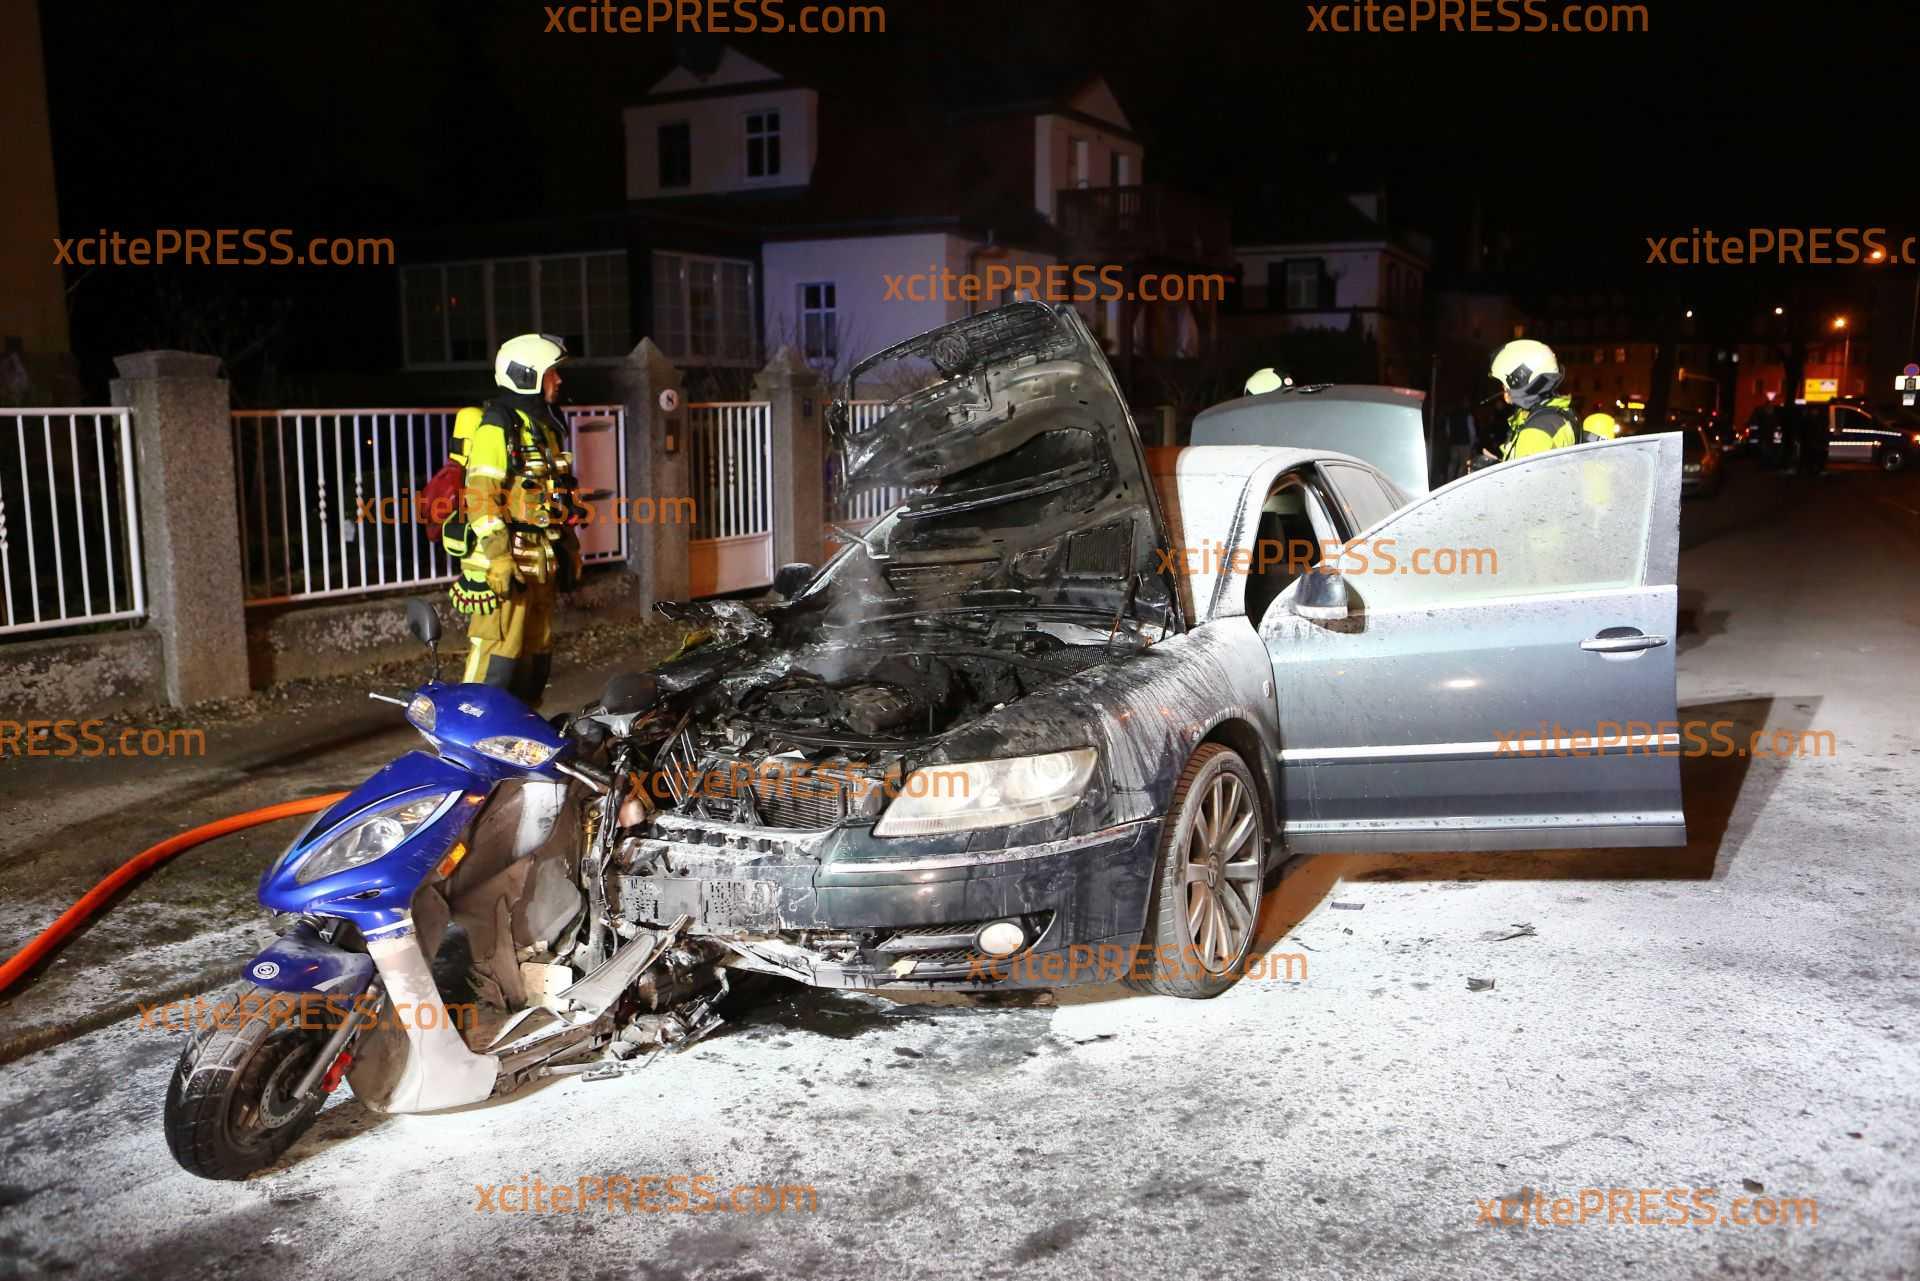 Mit 1,5 Promille! Blaufahrer (31) schleift Motorroller nach schwerem Crash 1,5 Kilometer mit: Kradfahrer (45) wird lebensbedrohlich verletzt liegen gelassen - im Krankenhaus verstorben